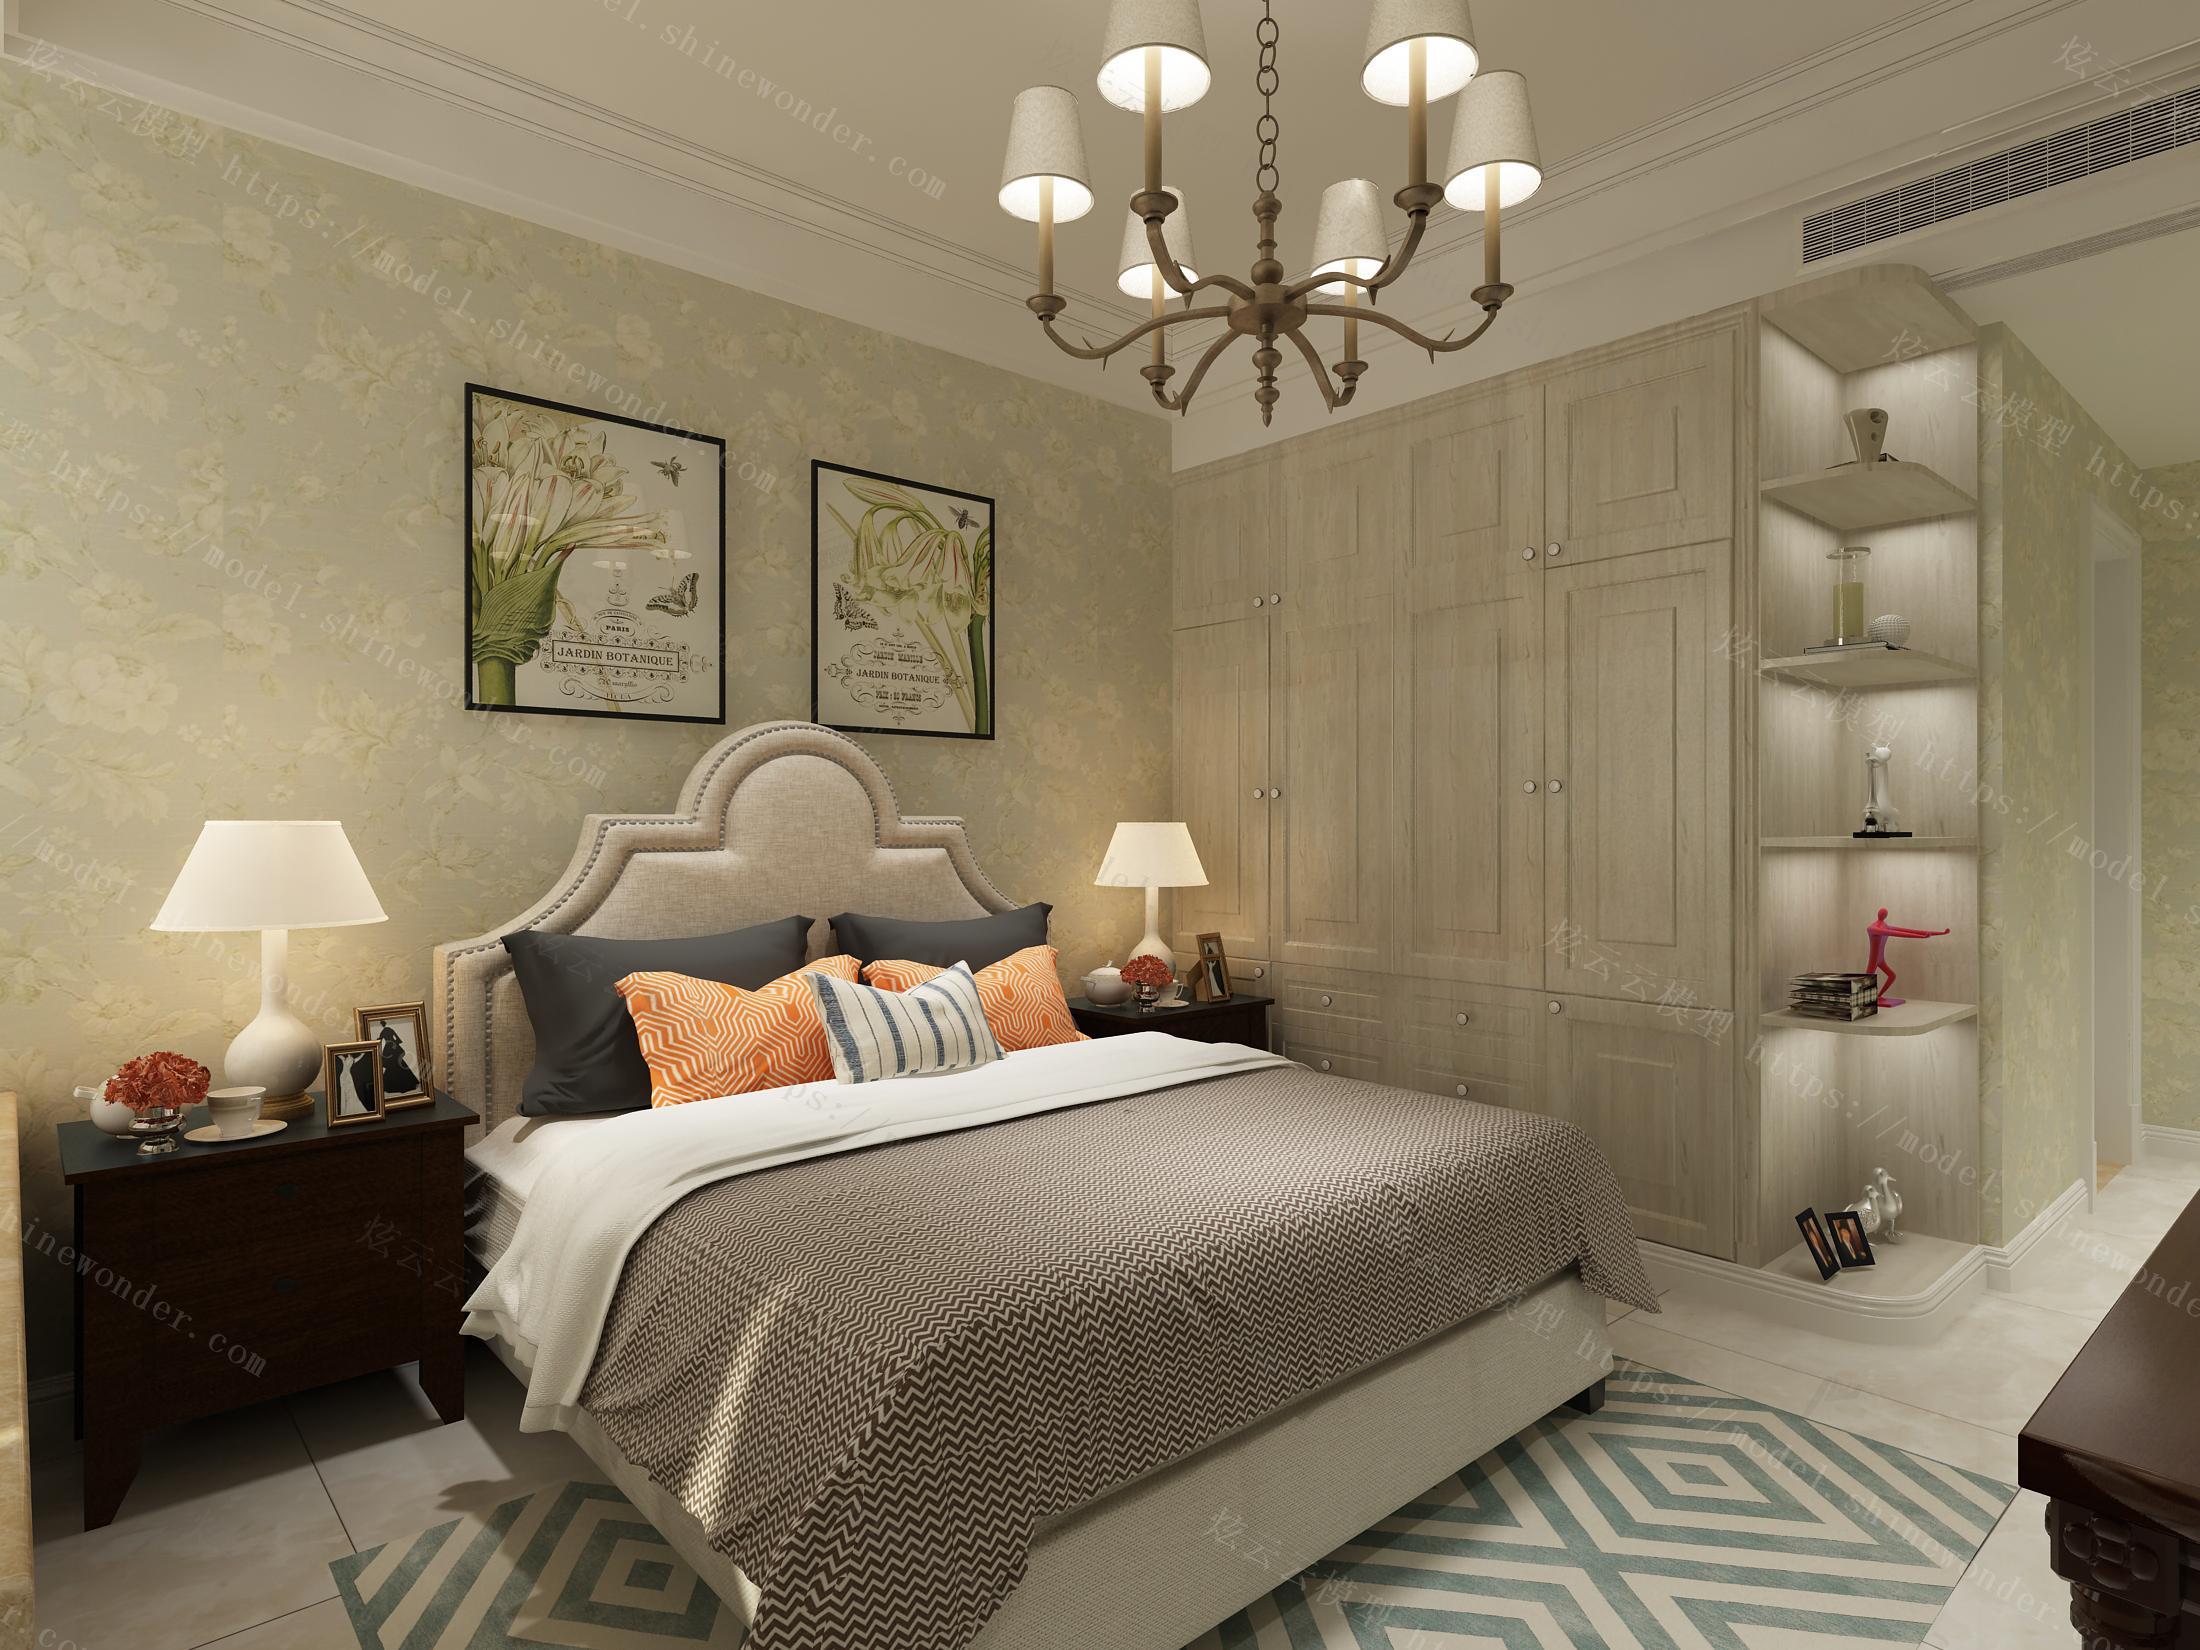 美式卧室全景模型